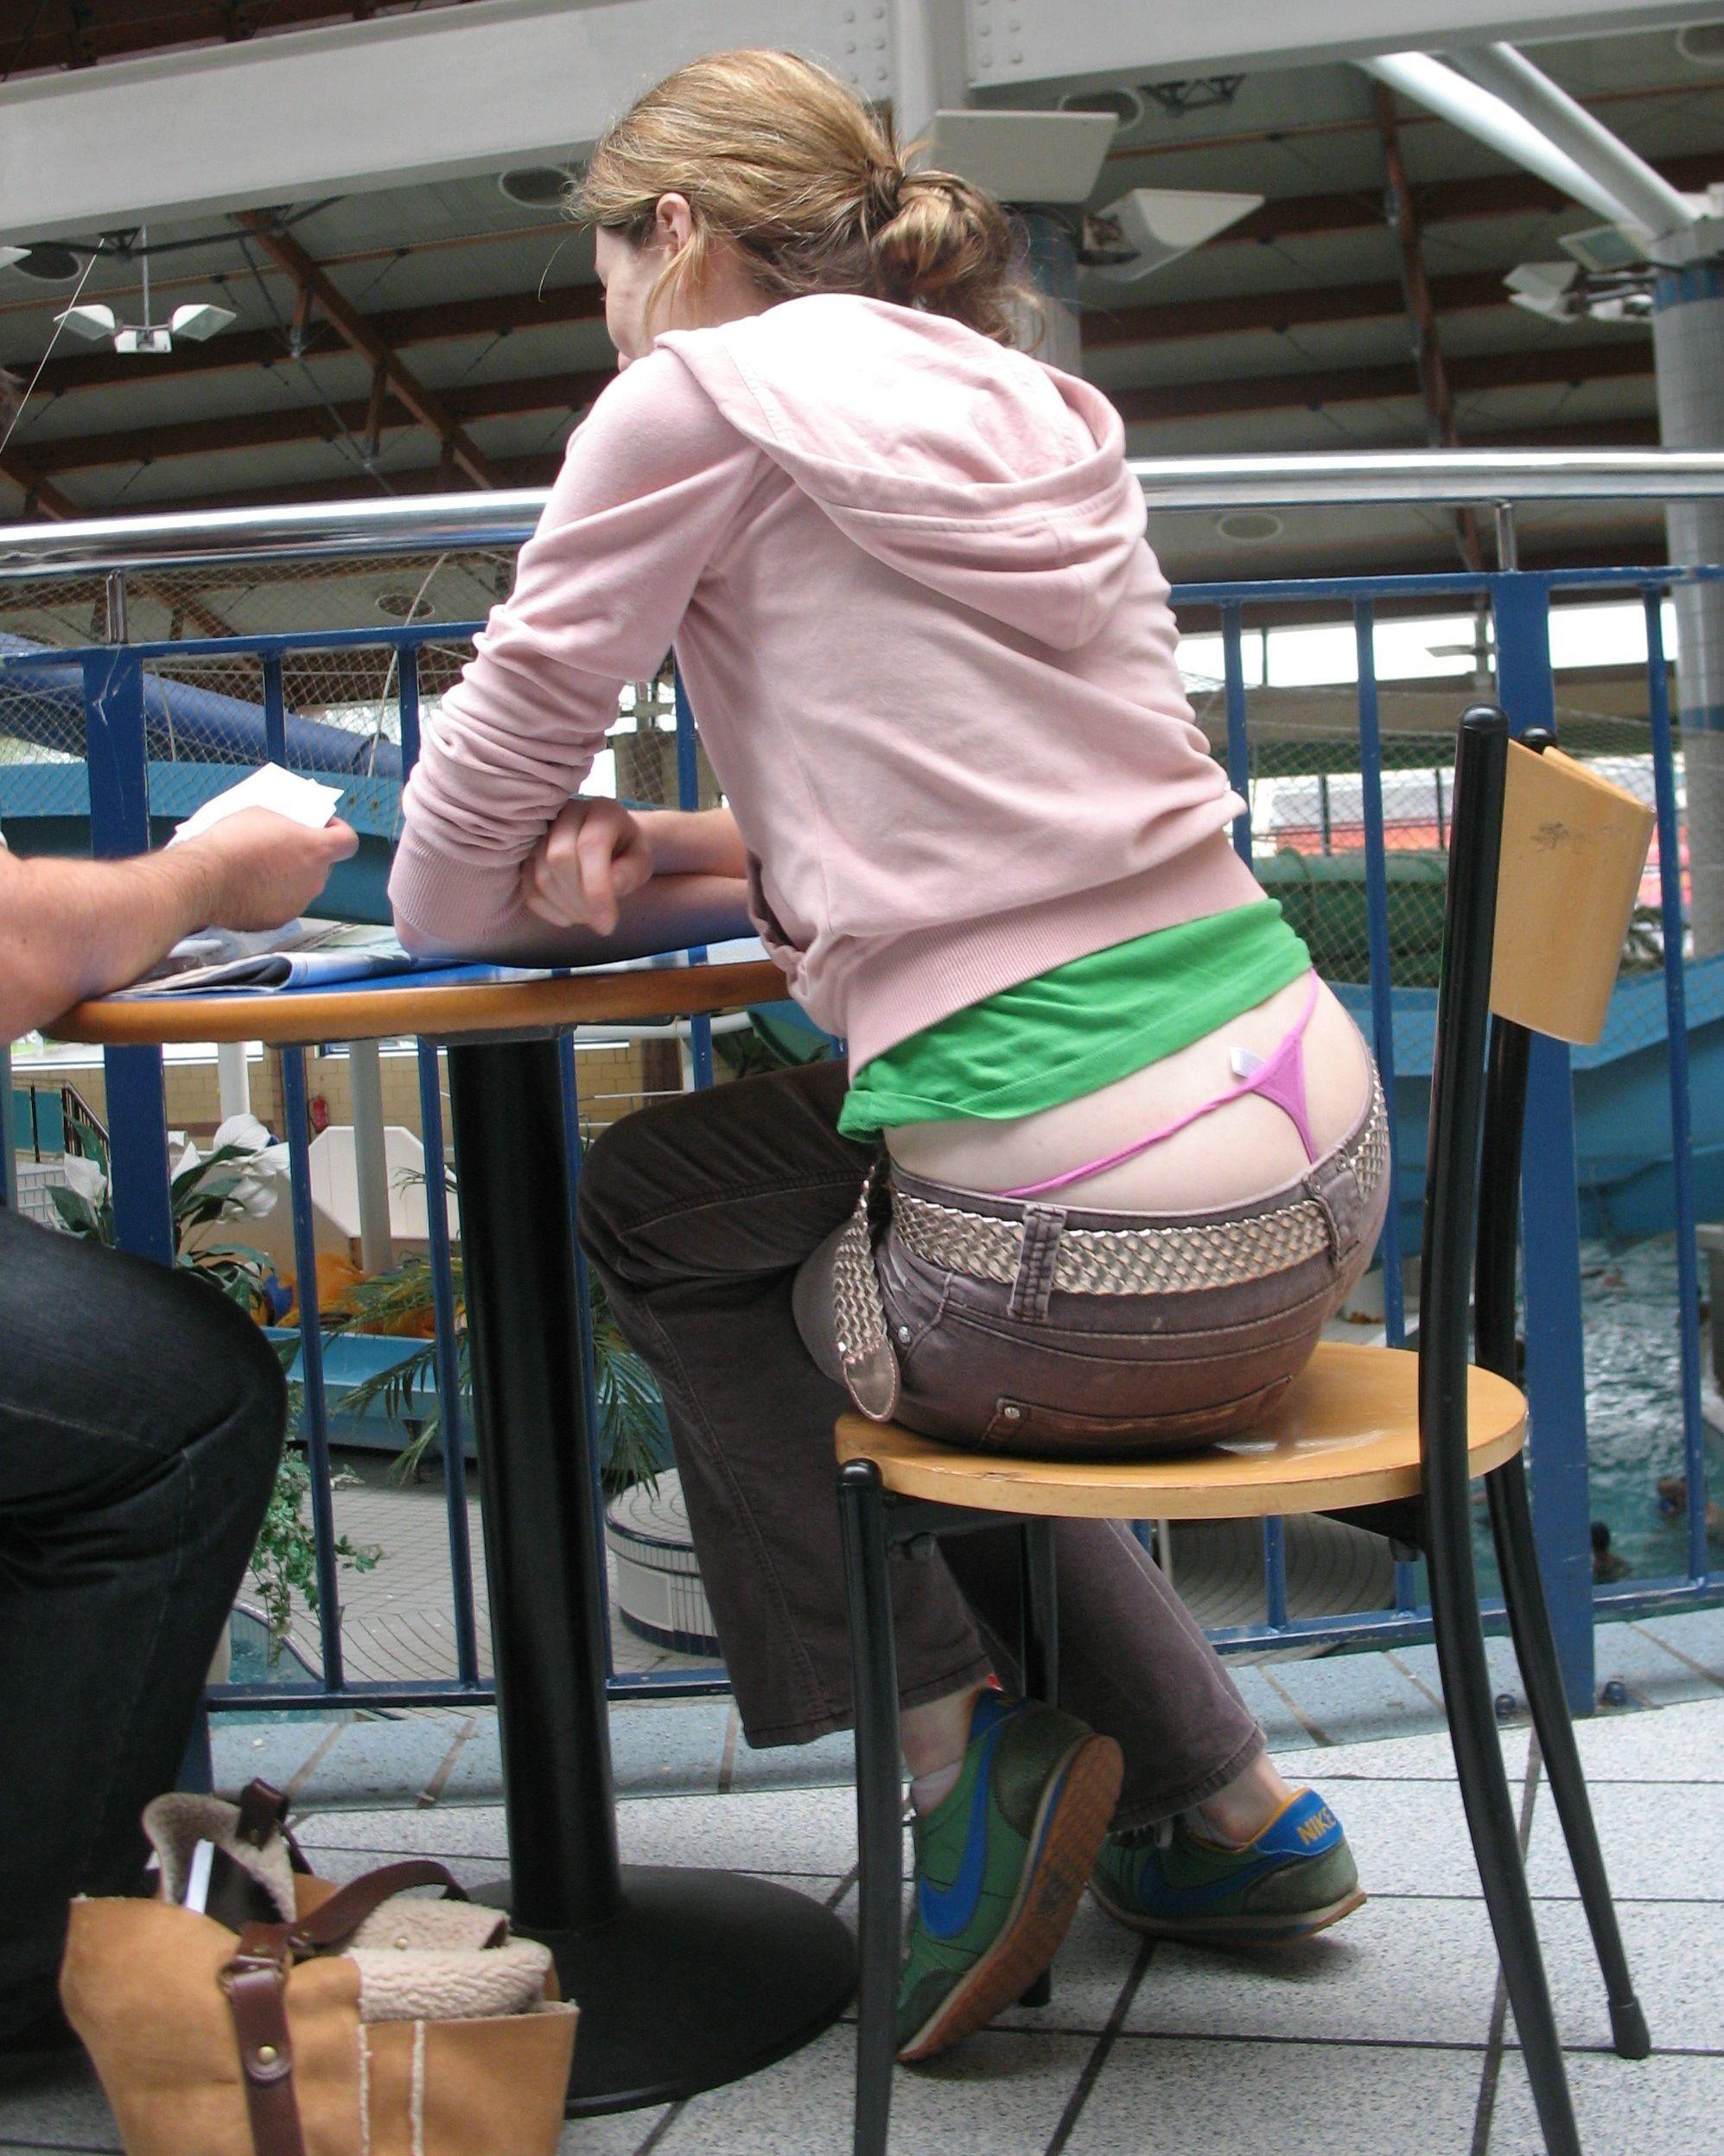 Трусики торчат из джинс 19 фотография